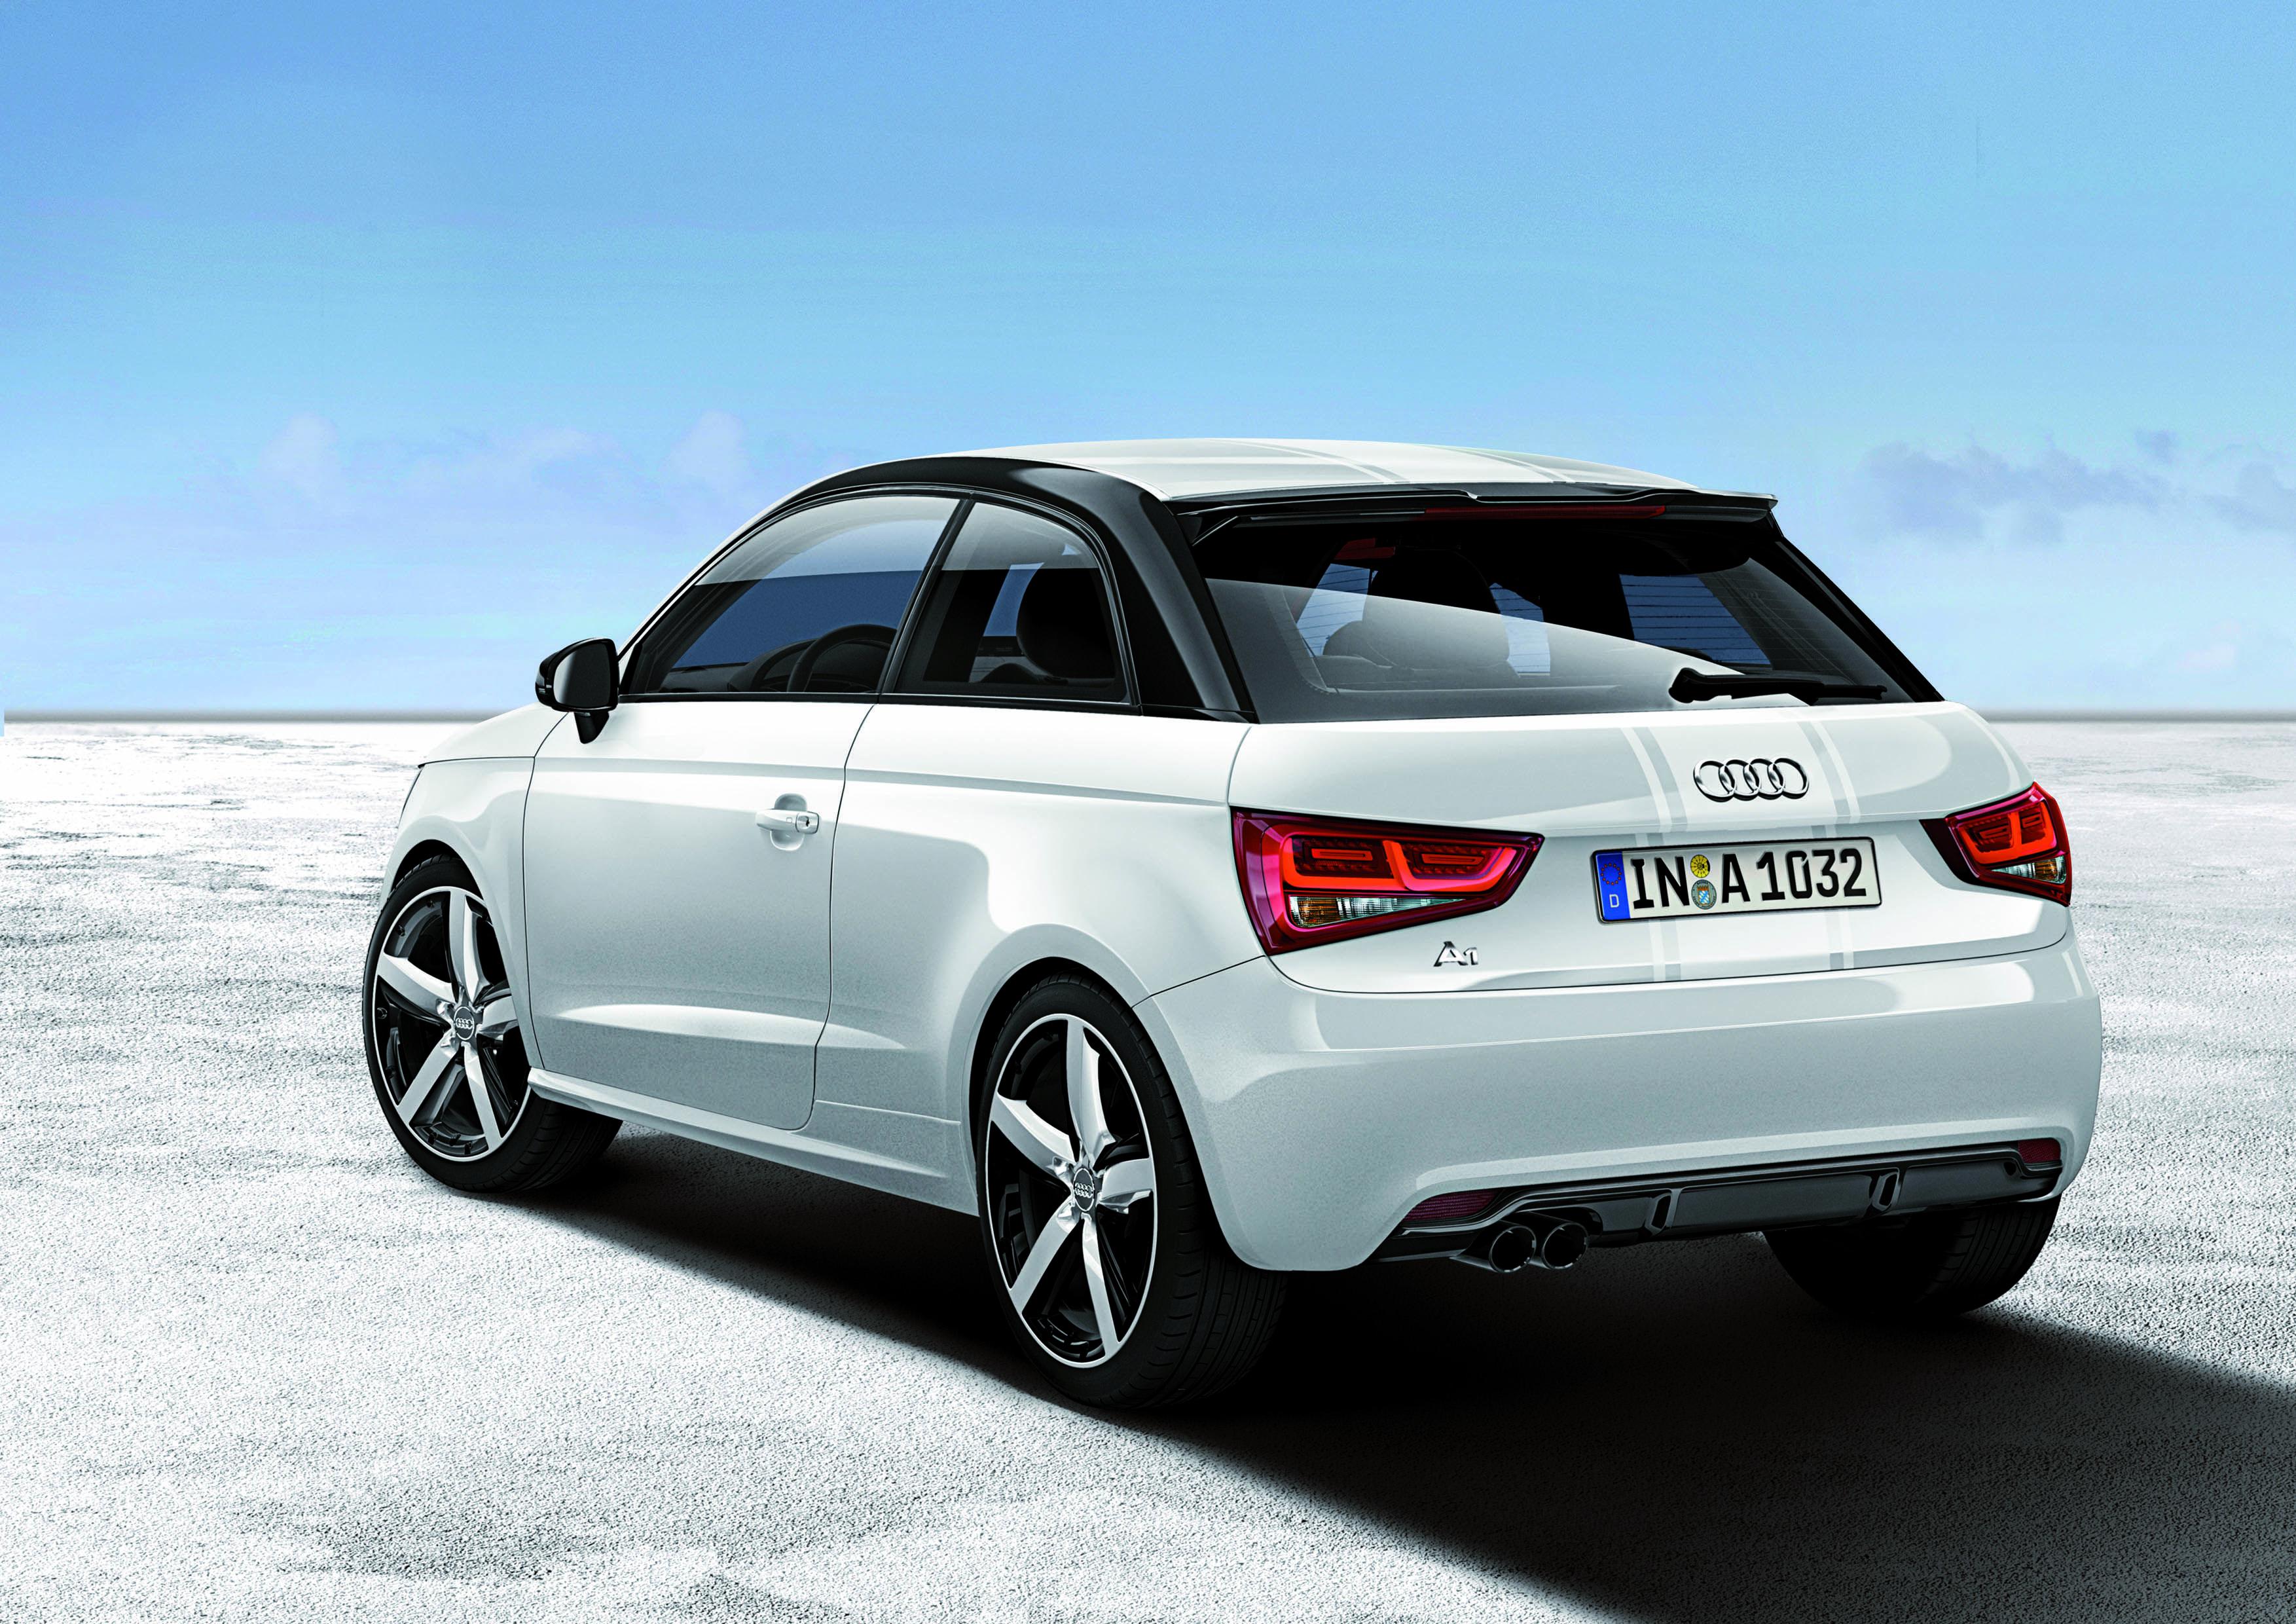 Audi A1 Audia1 White Bianca Sport Cars Audi A1 Car Audi